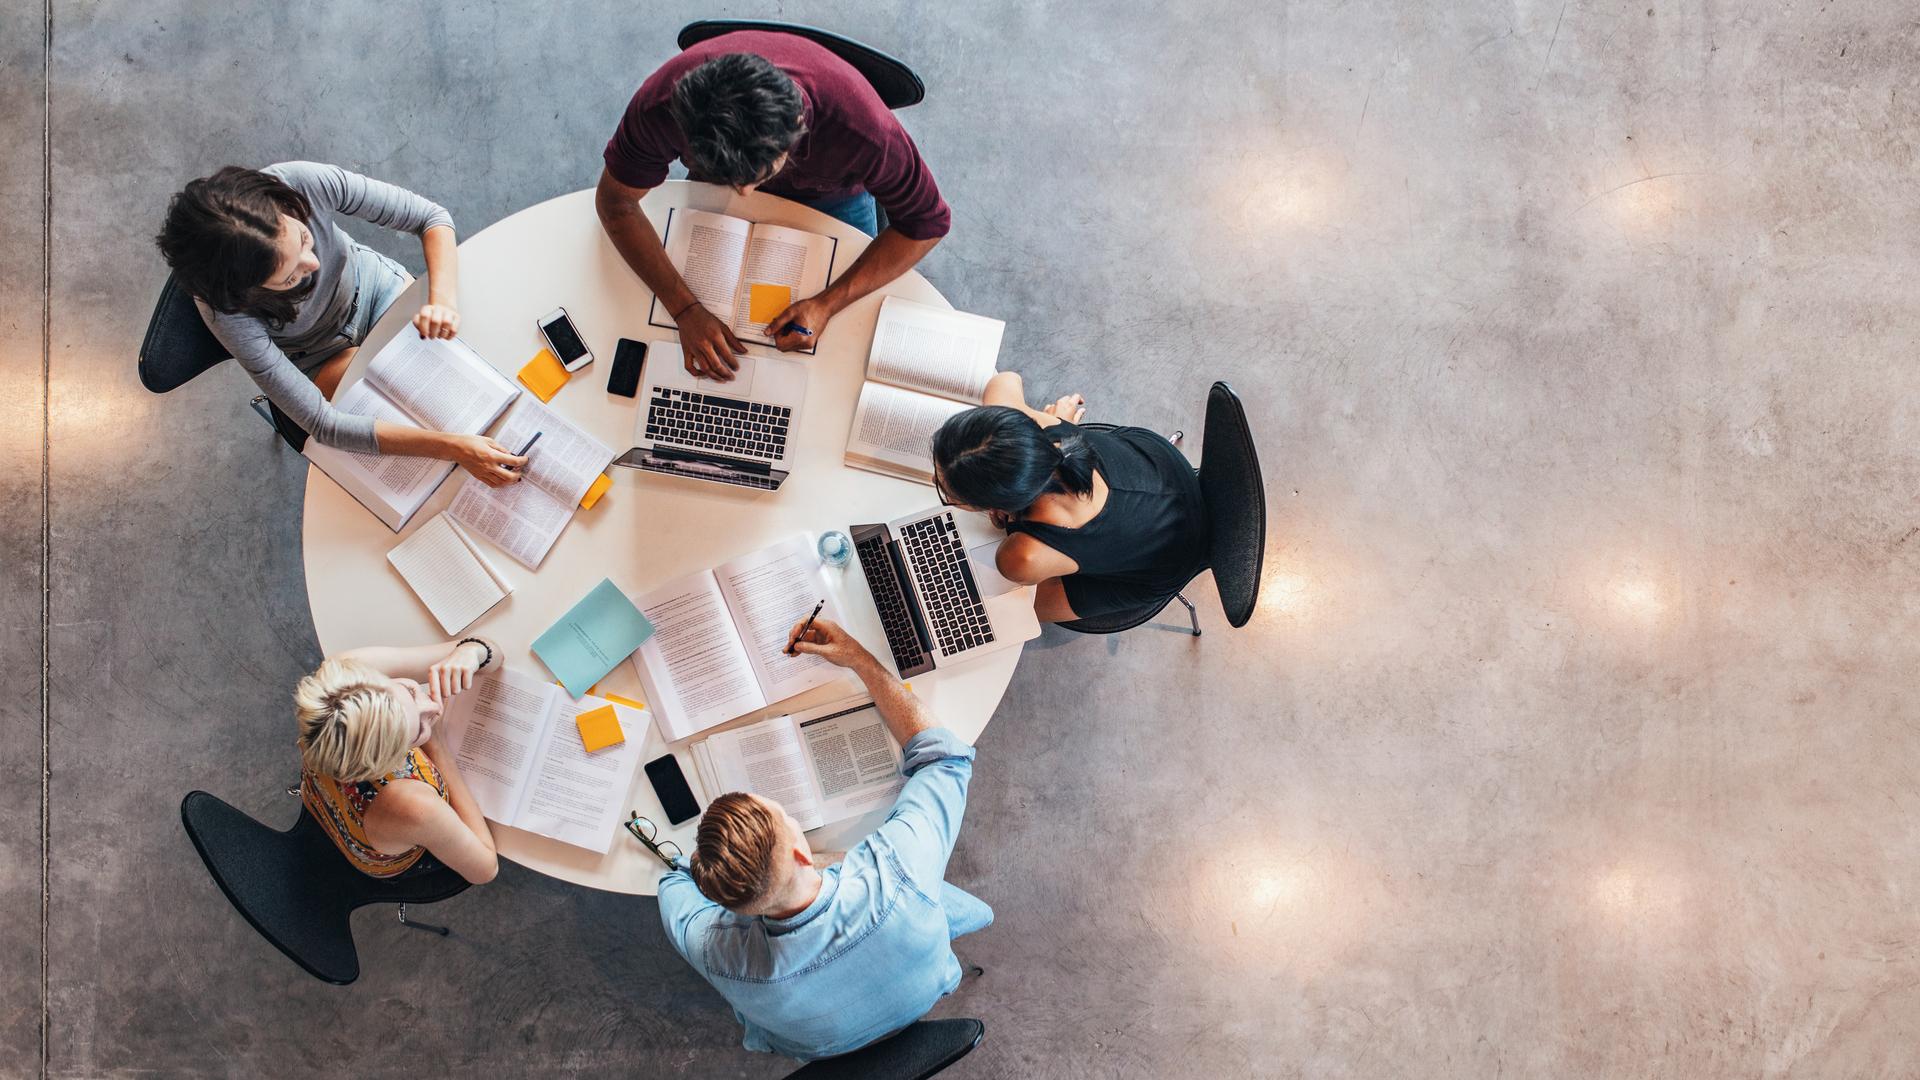 Competenze digitali: Besourcer, la piattaforma per scoprire il lavoro del futuro